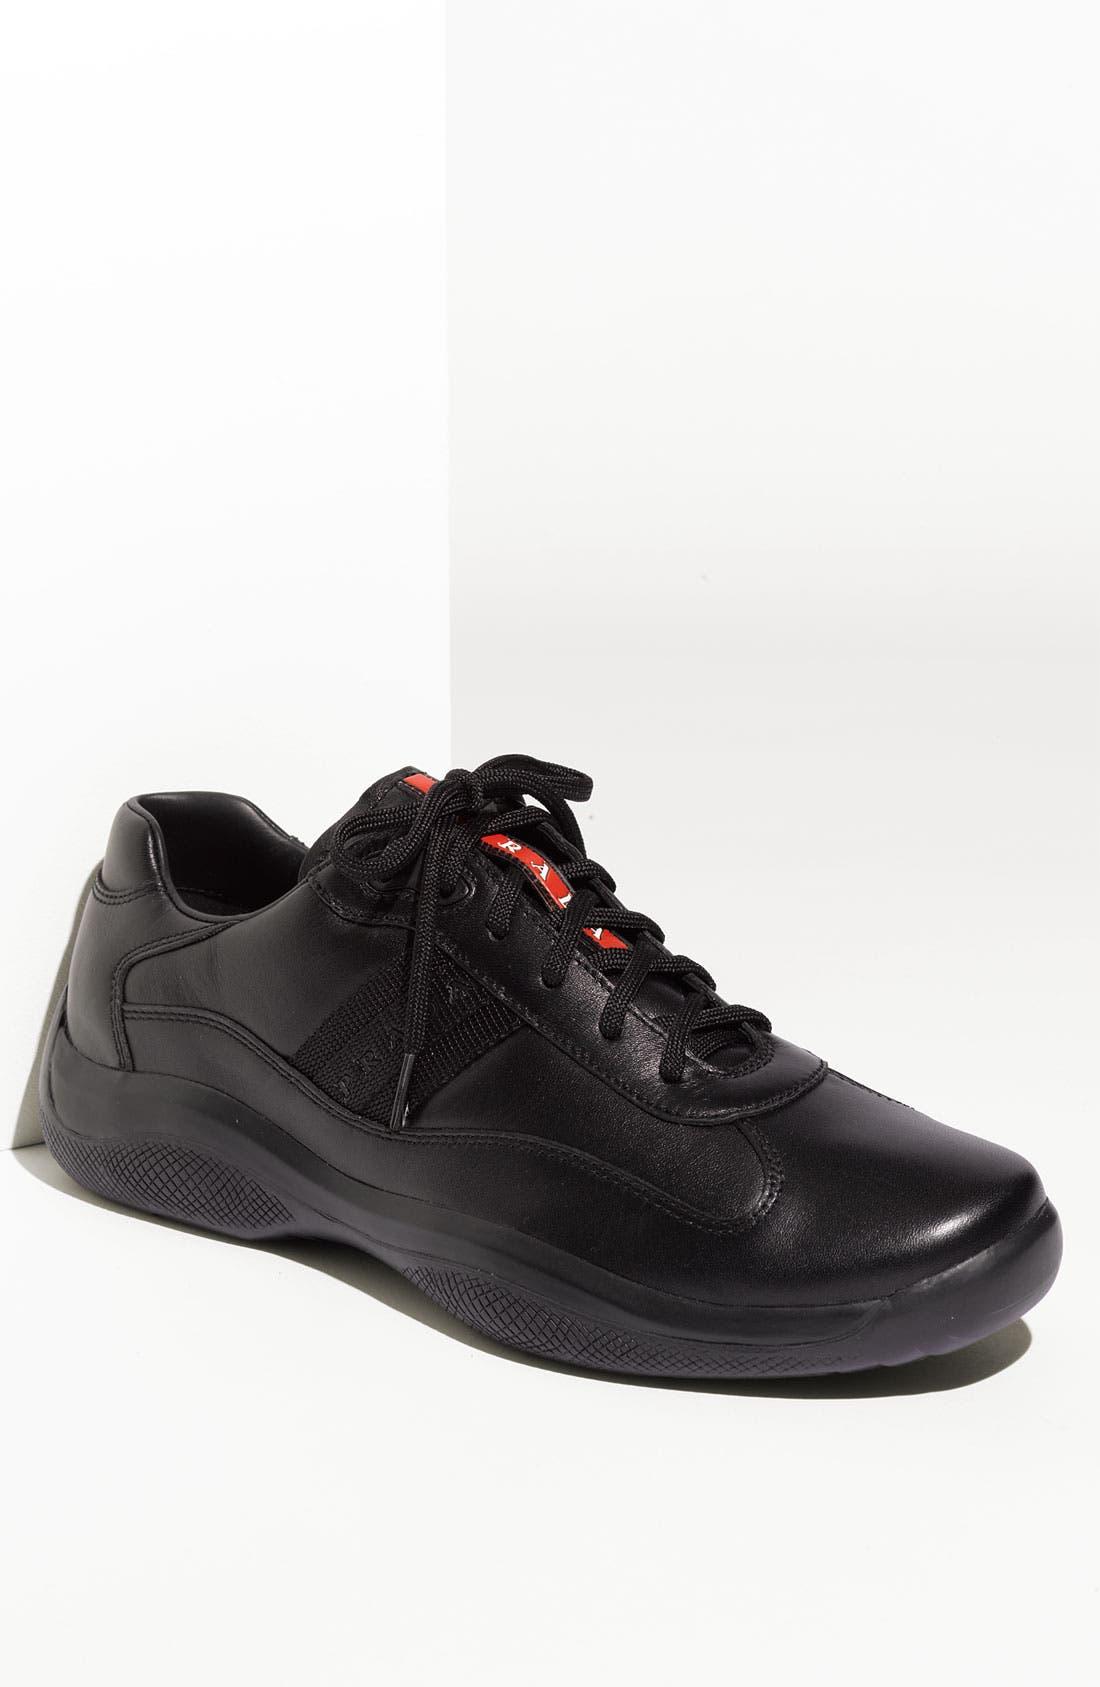 Main Image - Prada 'Eagle' Lace-Up Sneaker (Men)